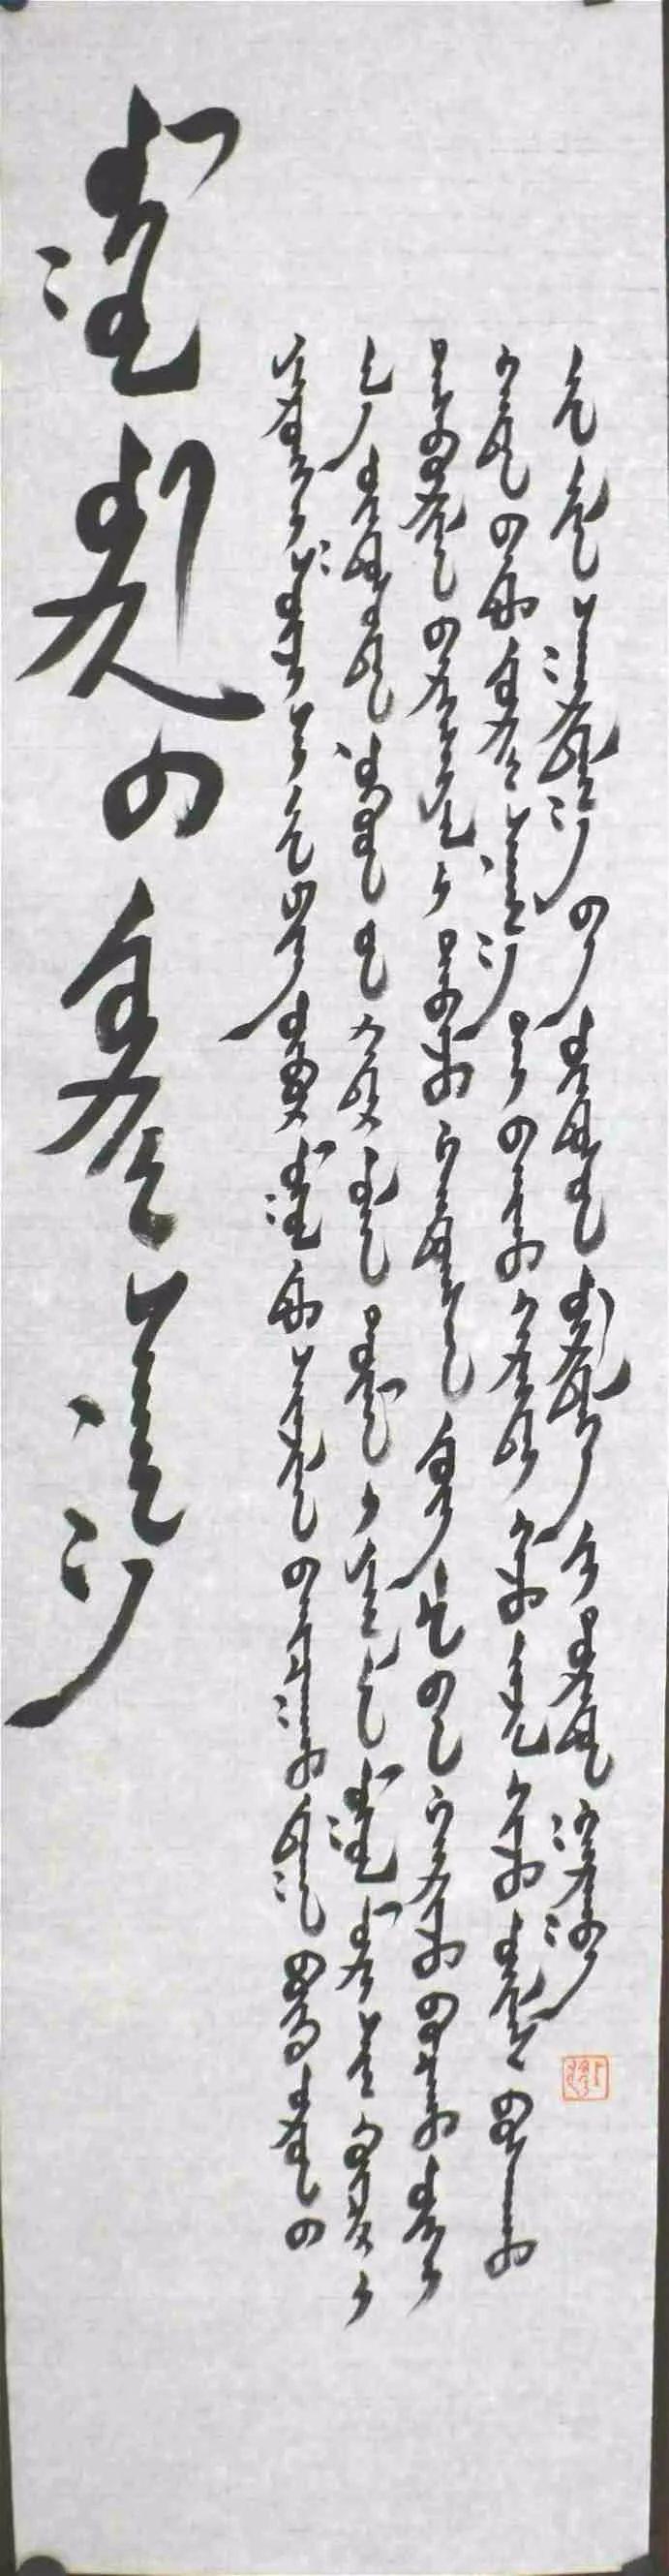 【好看】陈忠来书法作品欣赏 第11张 【好看】陈忠来书法作品欣赏 蒙古书法